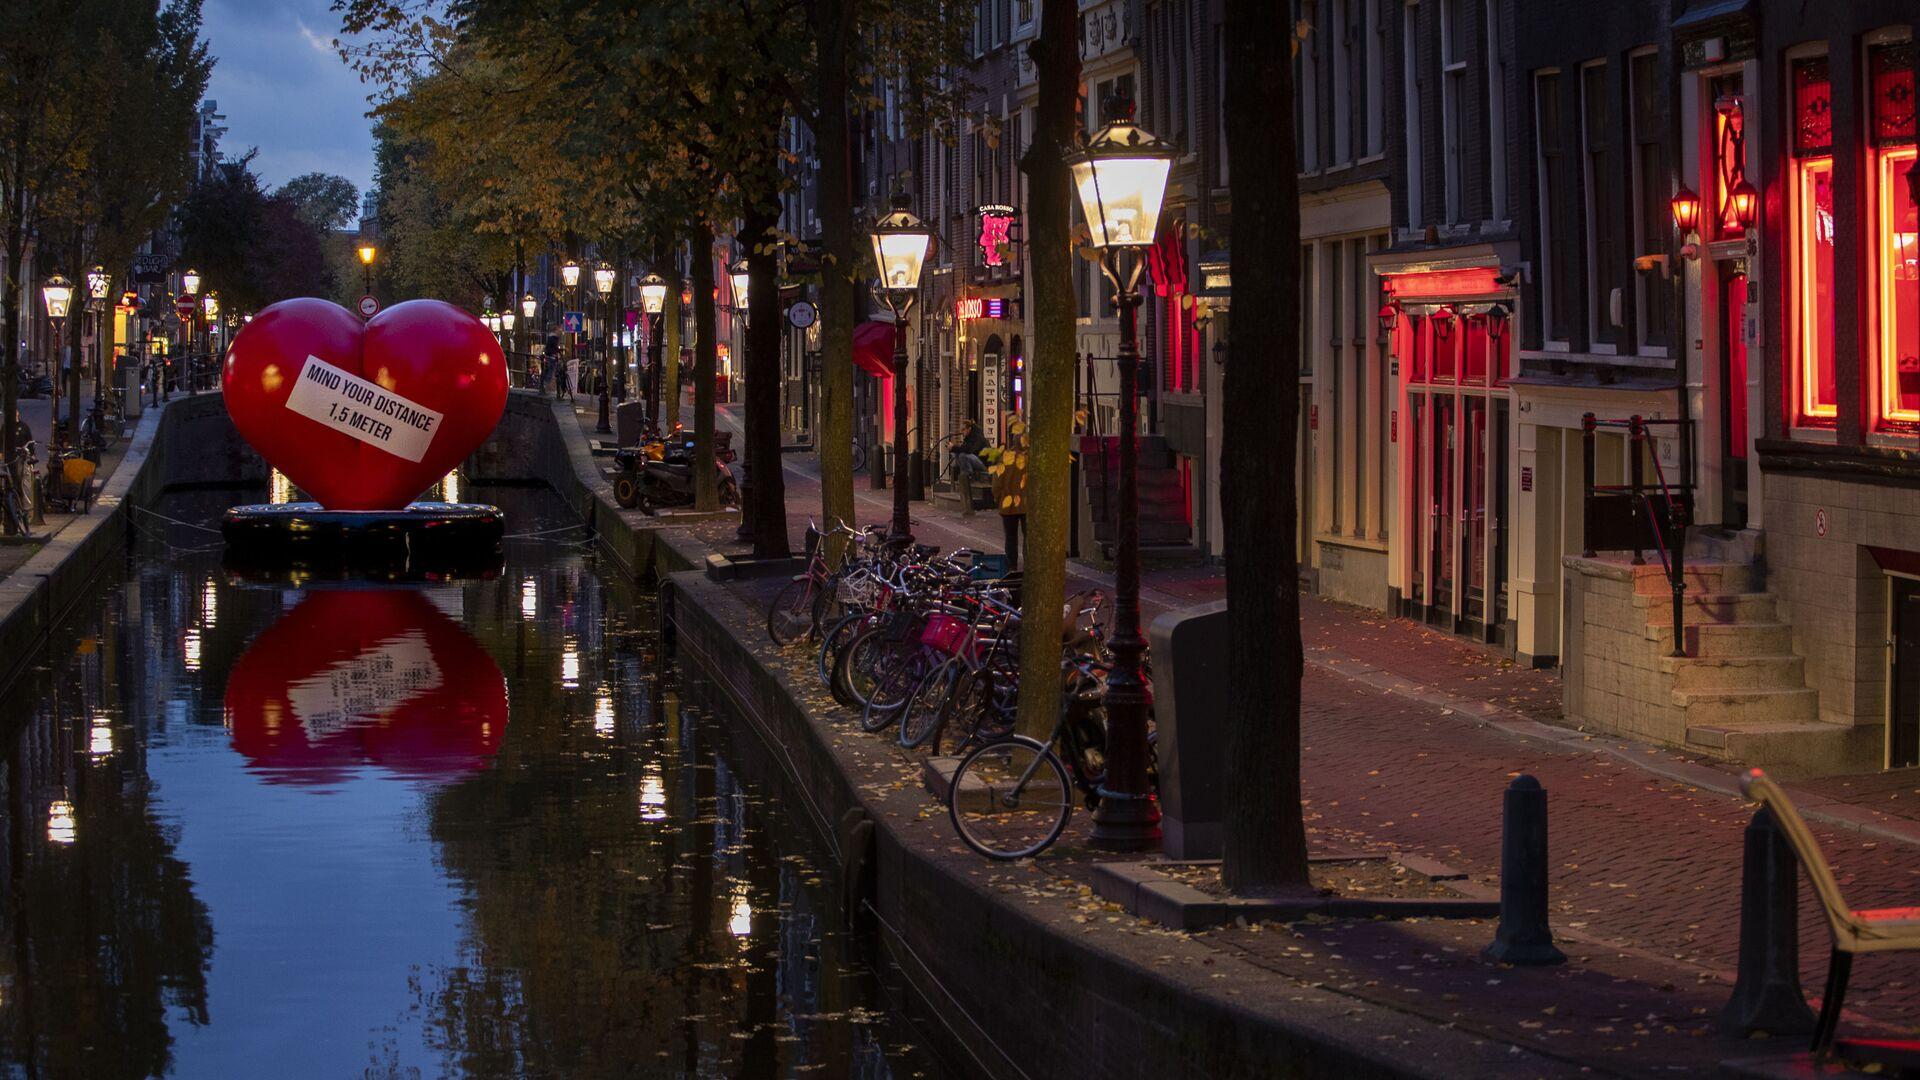 Il quartiere a luci rosse ad Amsterdam - Sputnik Italia, 1920, 13.06.2021